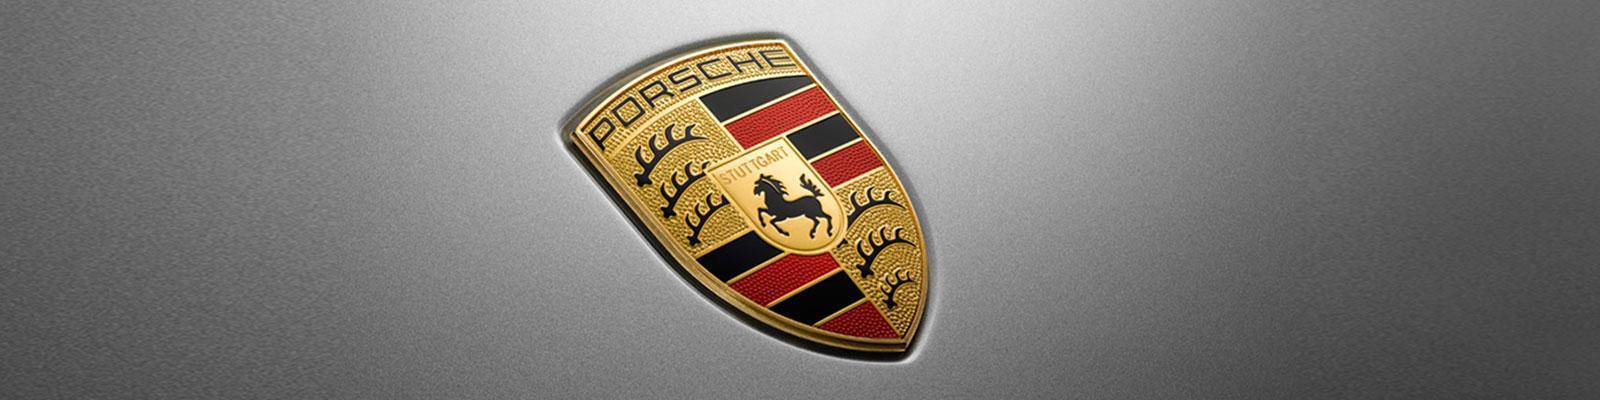 Porsche of Ann Arbor - A Porsche Premier Dealer – for 4 Consecutive Years